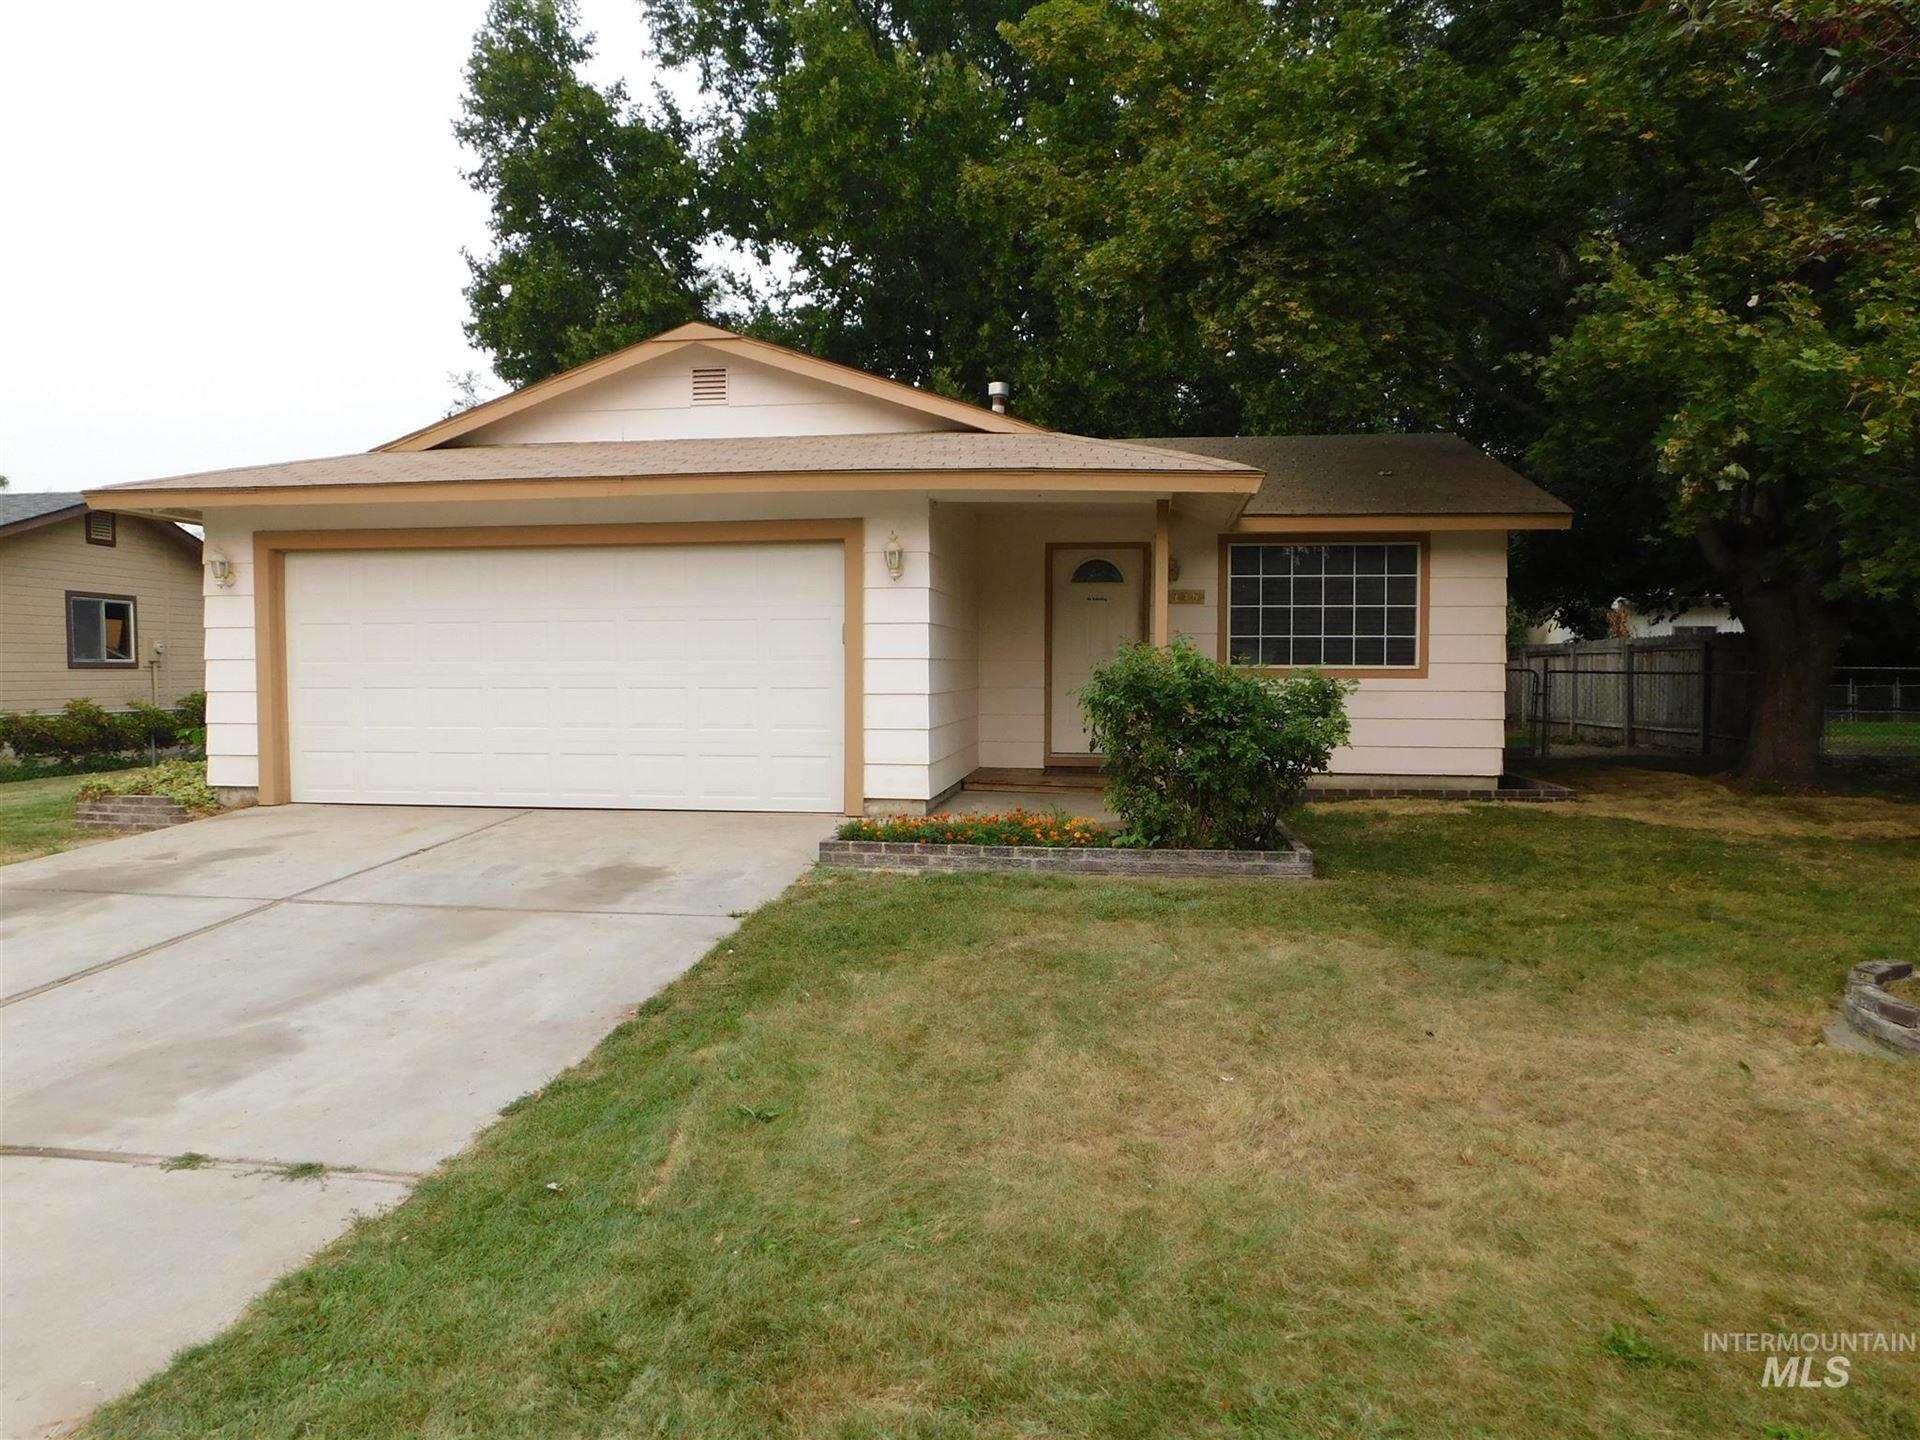 746 W Kinghorn Dr, Nampa, ID 83651 - MLS#: 98780997